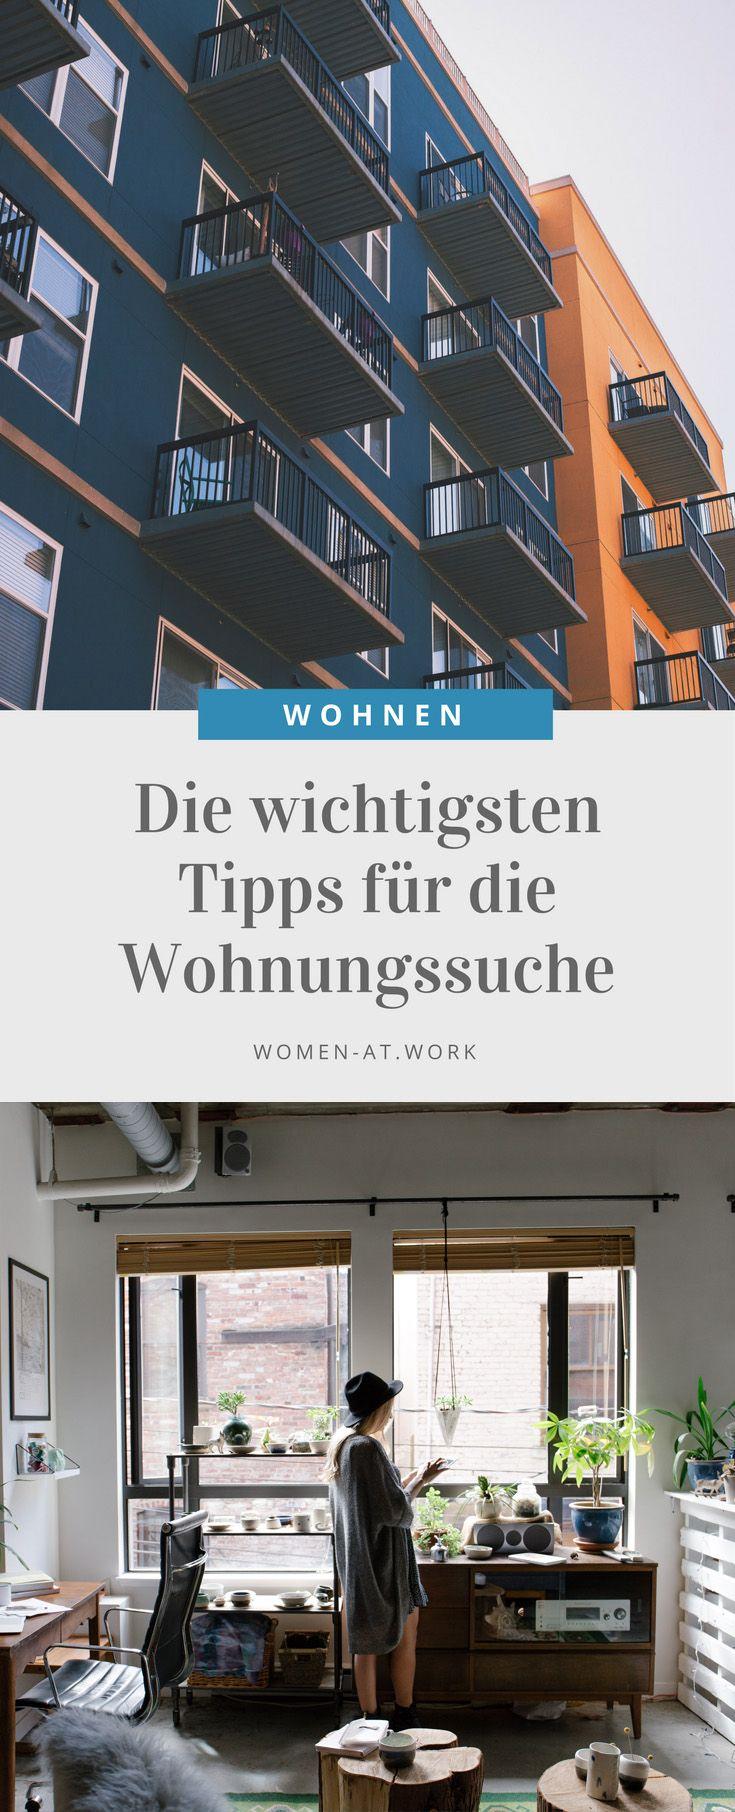 Die 25+ Besten Ideen Zu Neue Wohnung Auf Pinterest | Schreibtisch ... Kuche Renovieren Paar Hilfreiche Tipps Jedermann